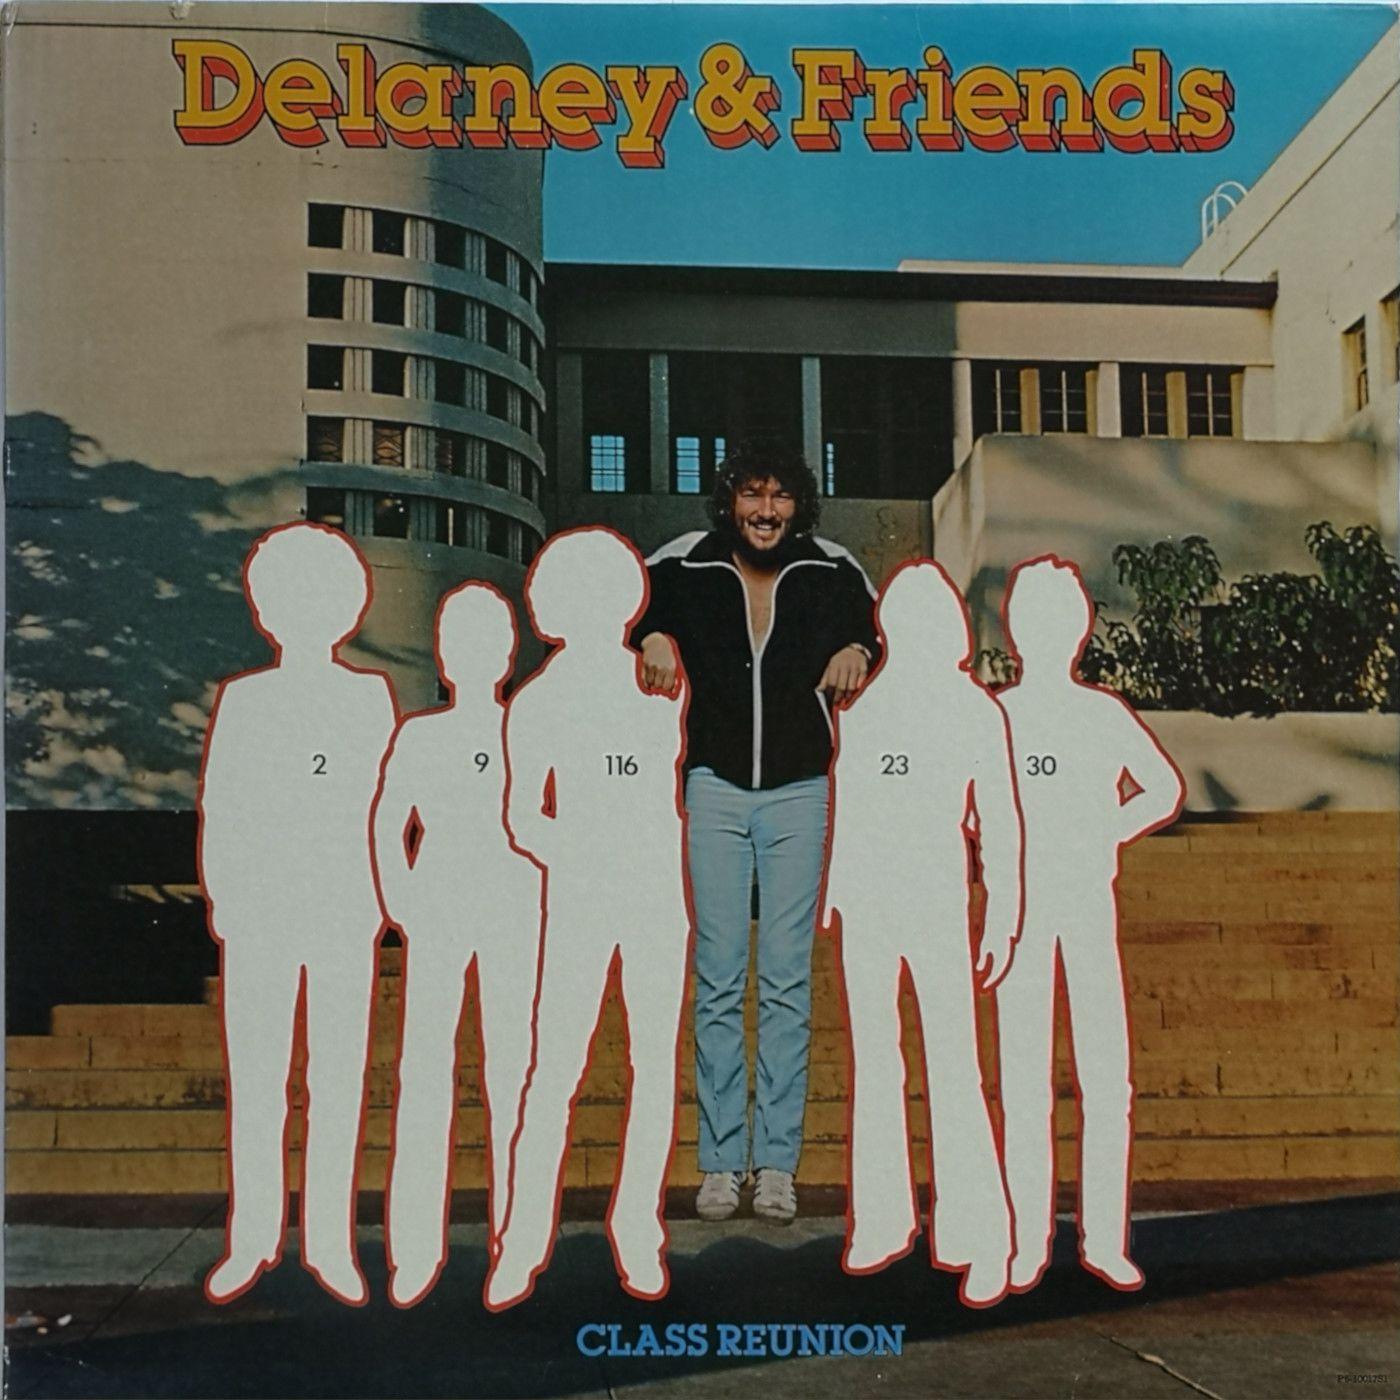 Delaney & Friends Class Reunion LP undefined